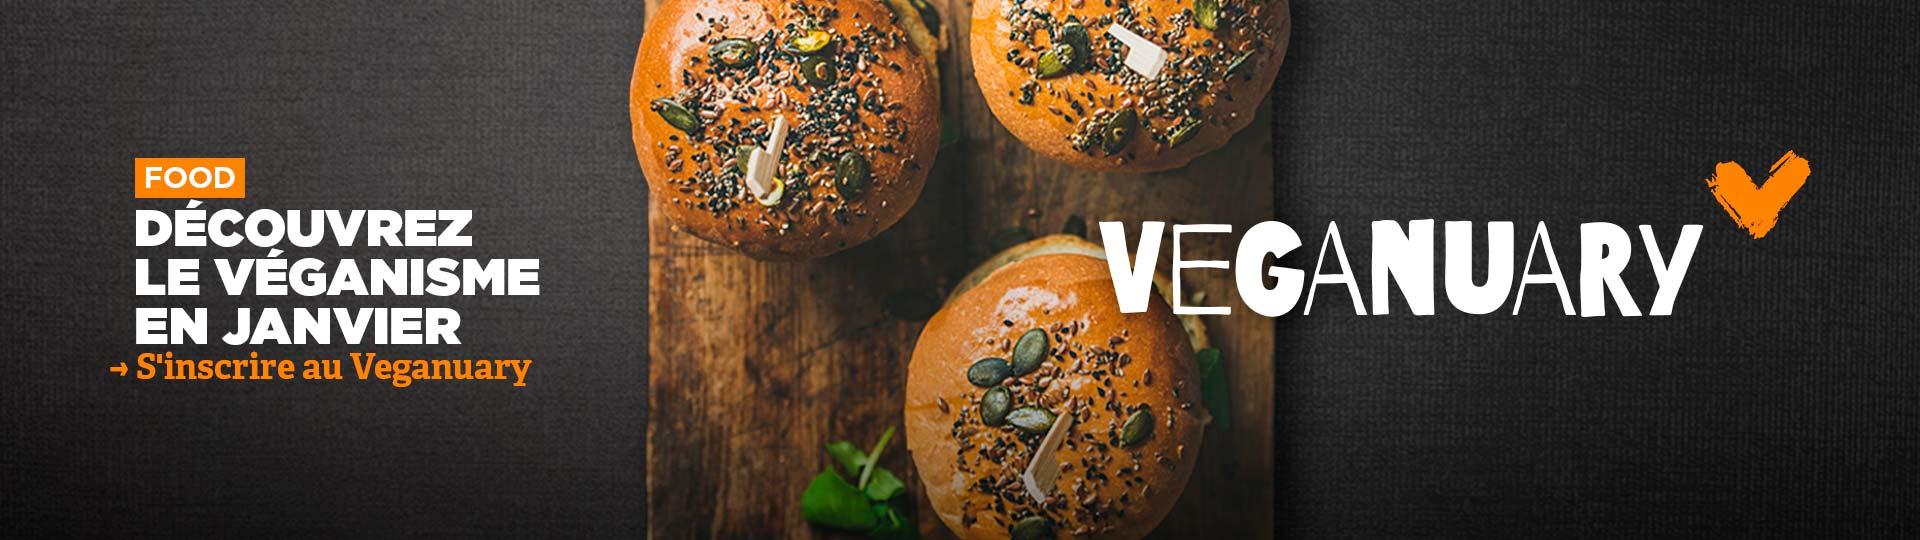 Janvier sans viande : un défi pour 2021 avec Veganuary